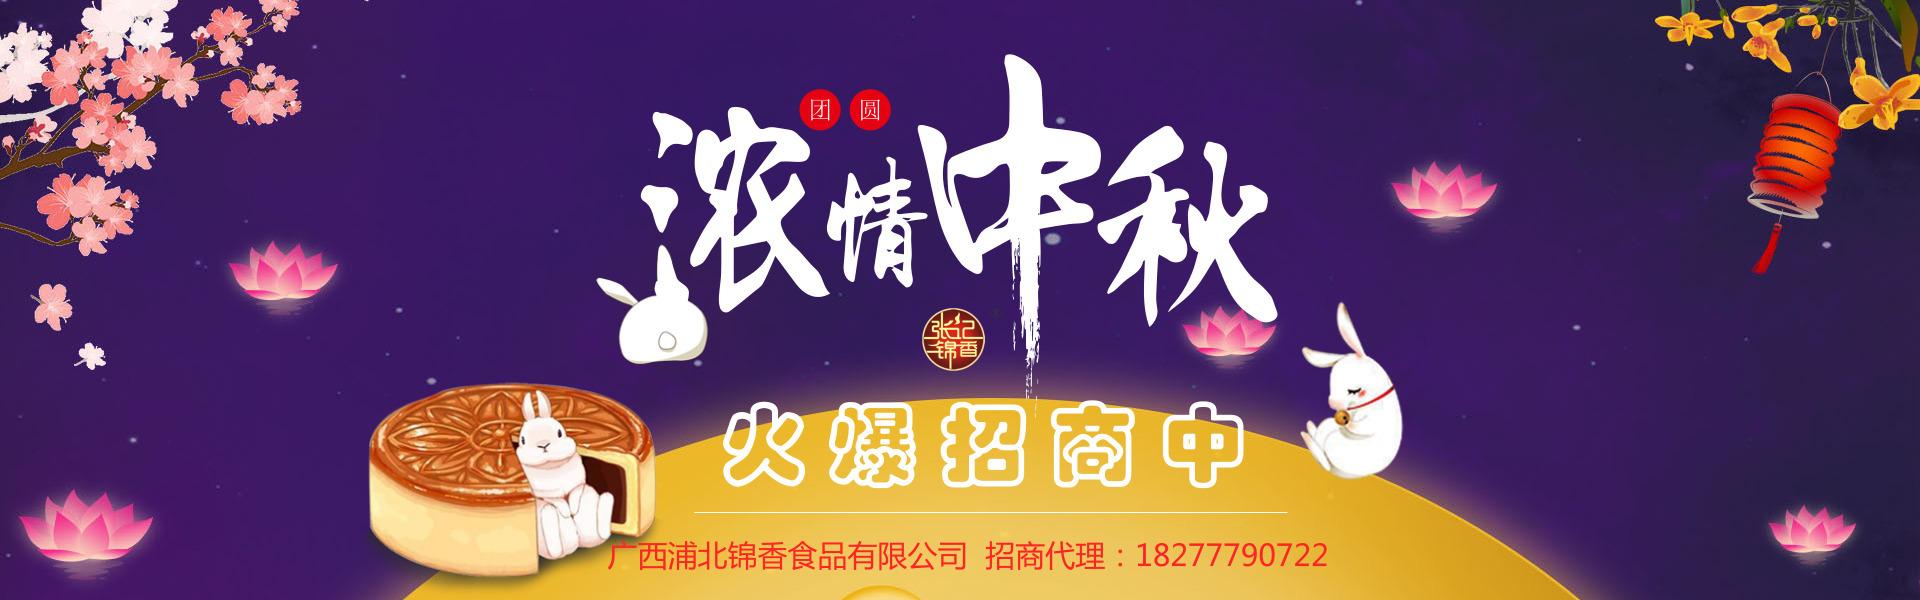 张记锦香月饼火爆招商中